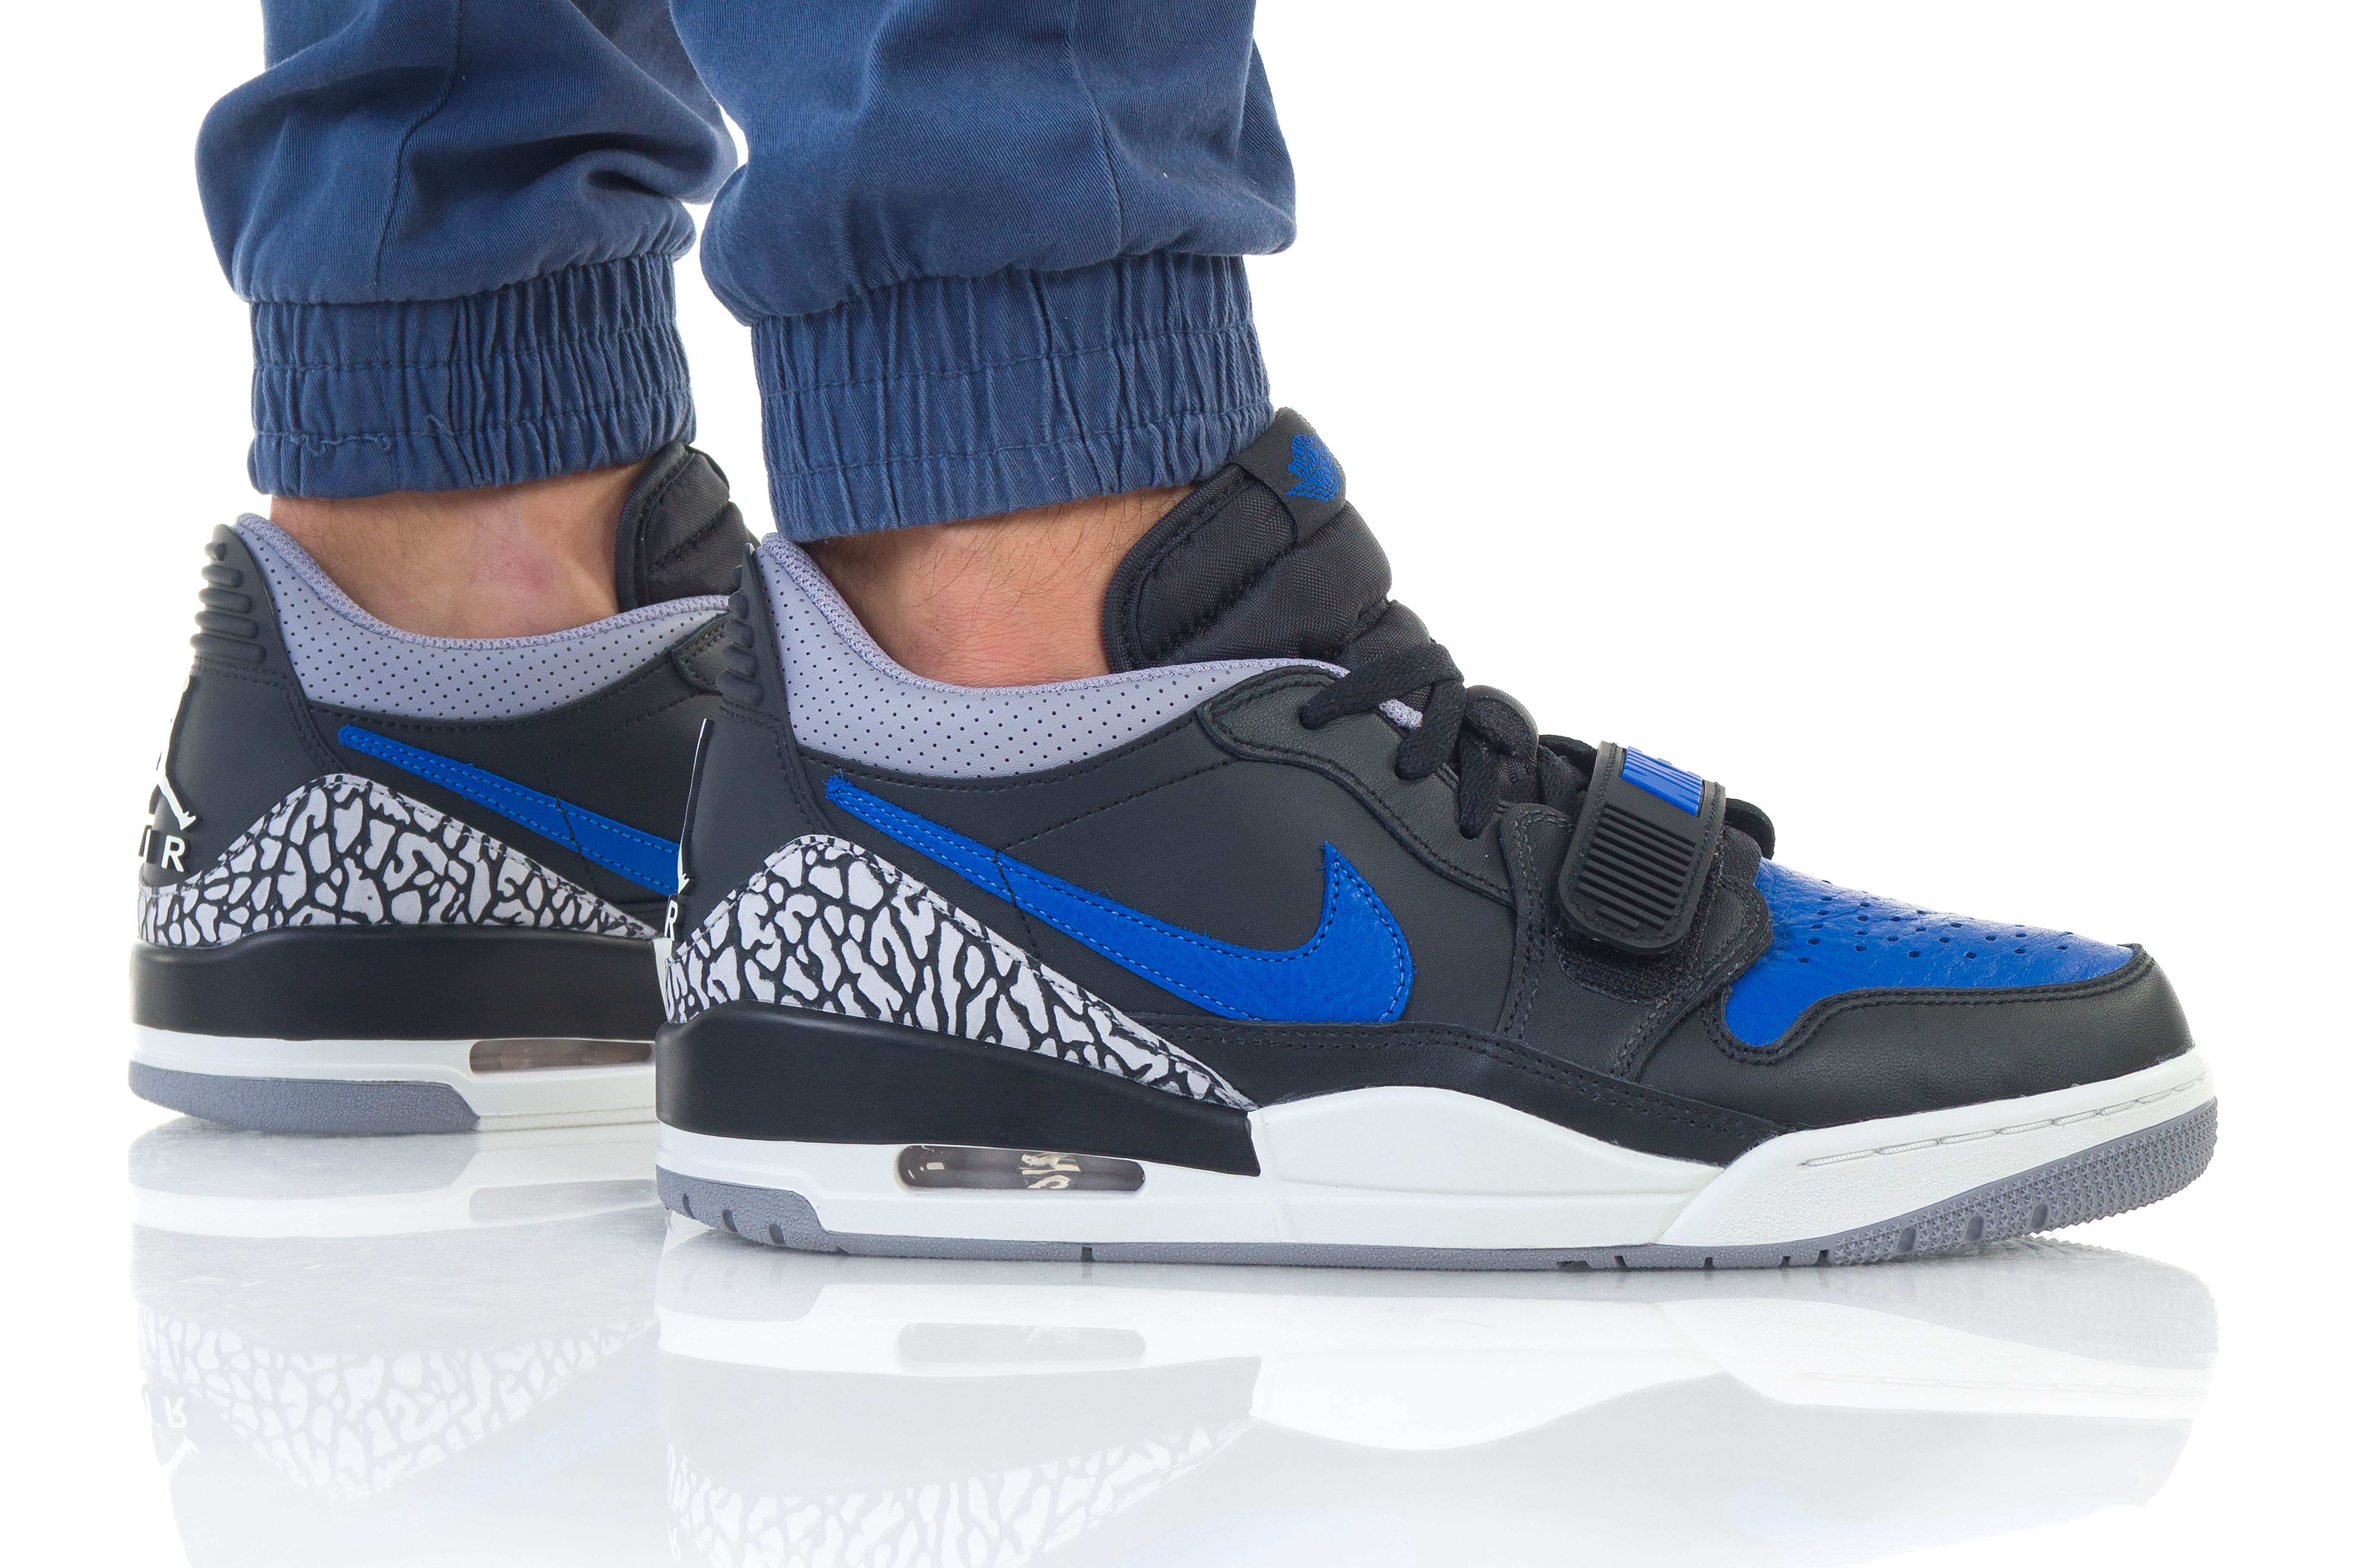 נעליים נייק לגברים Nike AIR JORDAN LEGACY 312 LOW - שחור